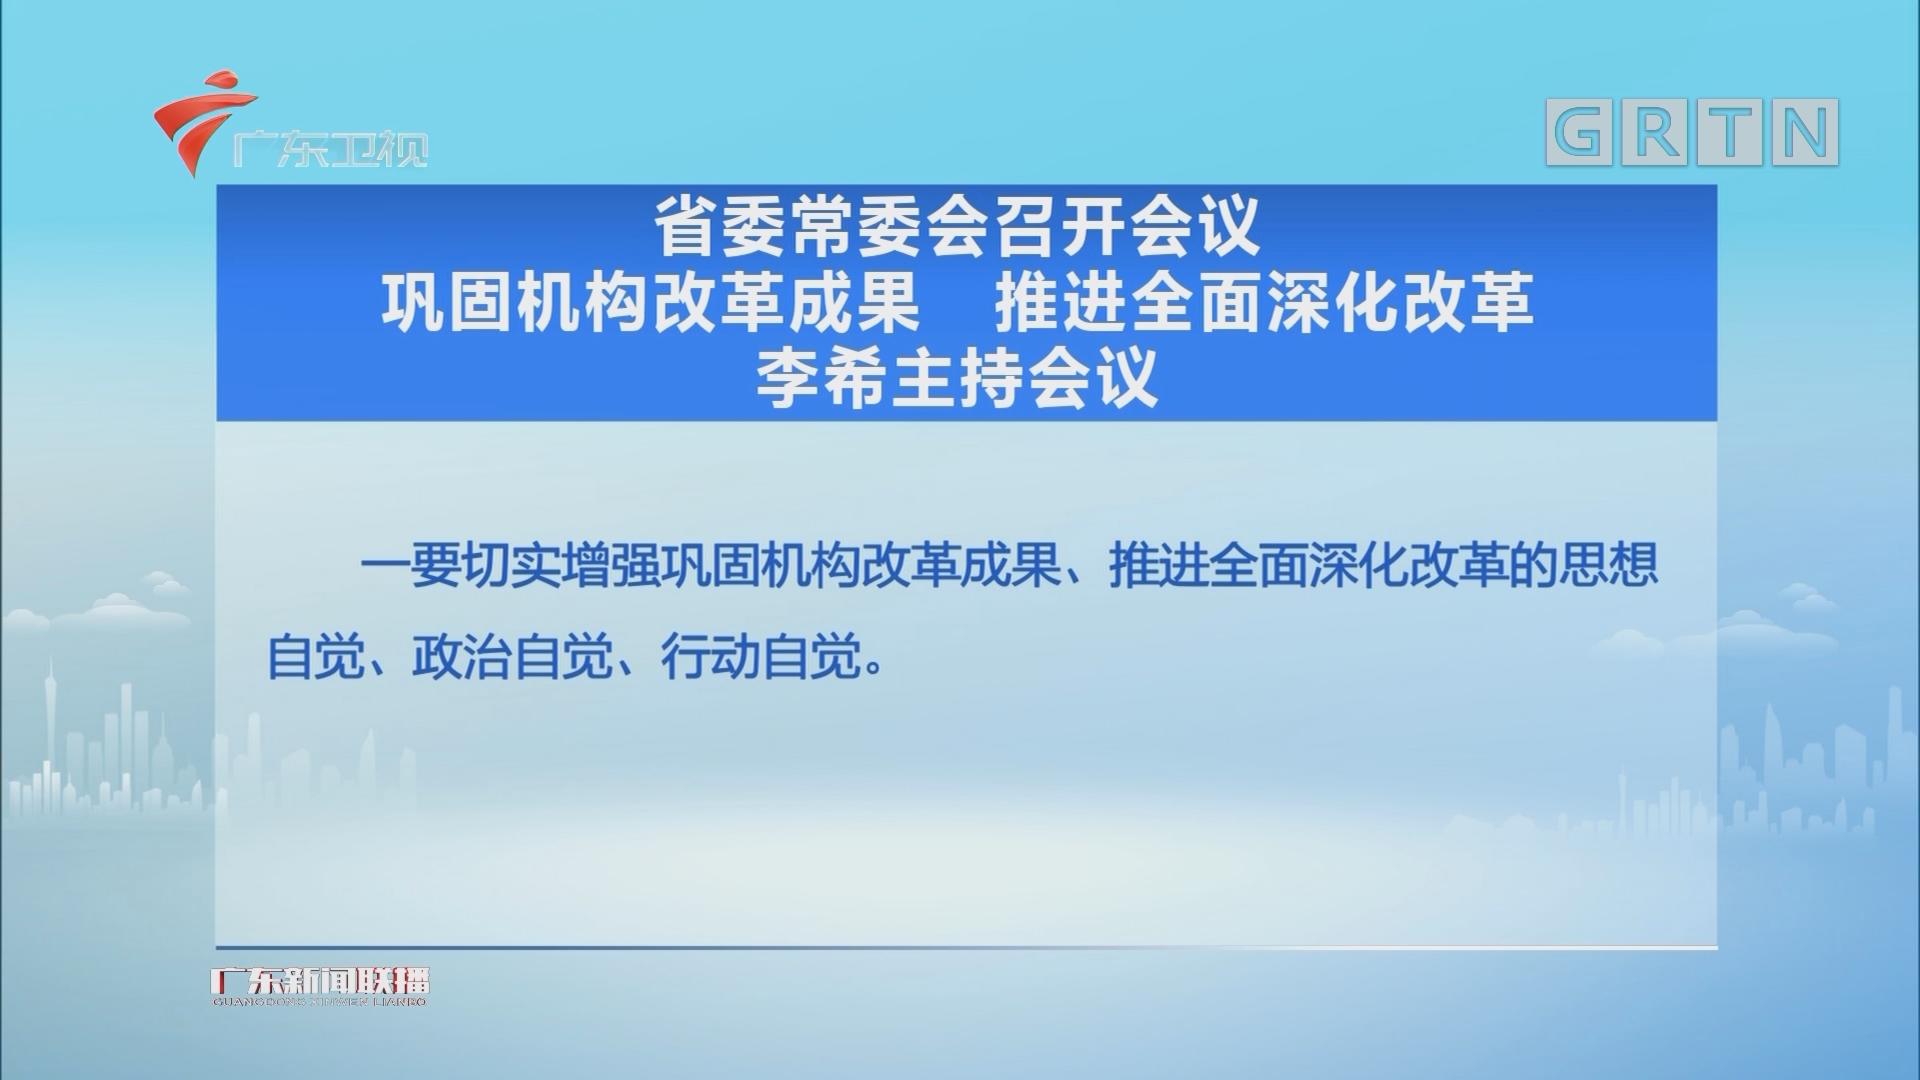 省委常委会召开会议 巩固机构改革成果 推进全面深化改革 李希主持会议